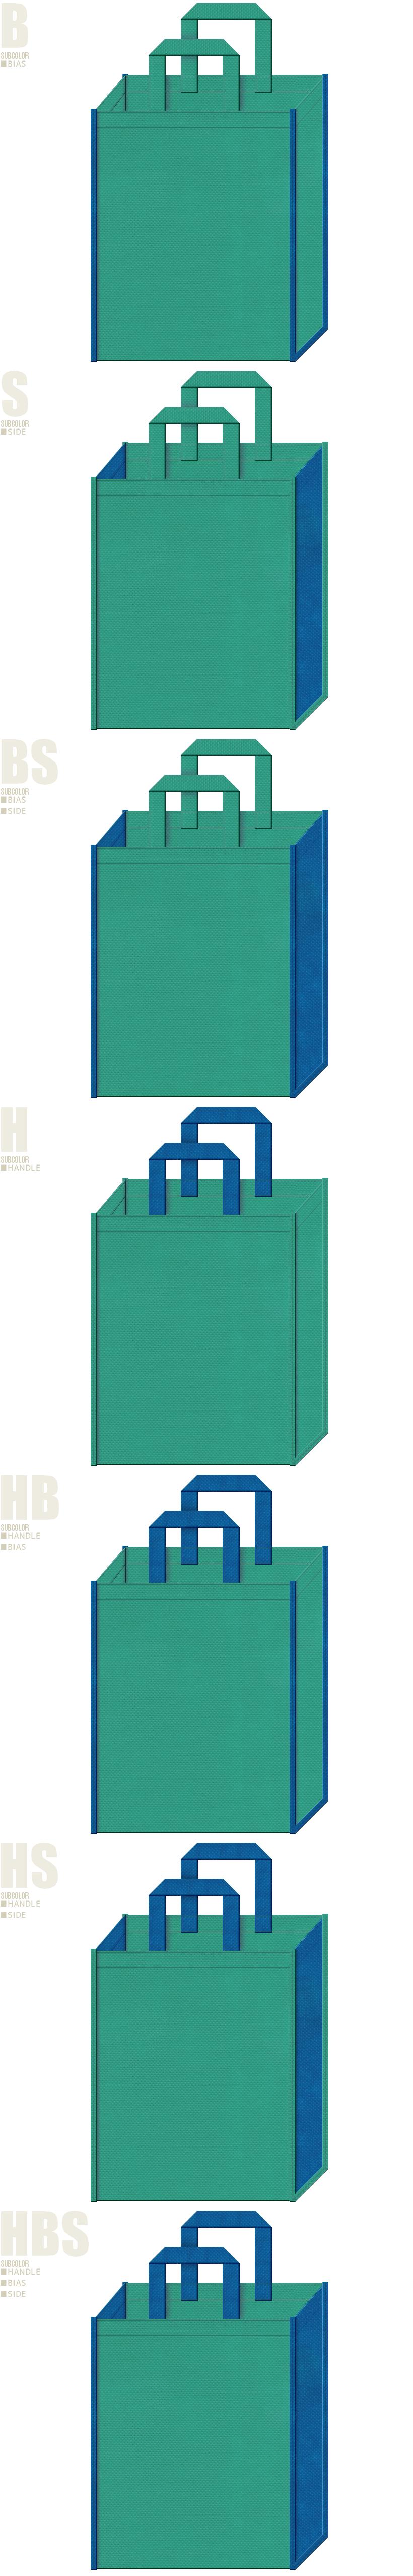 青魚・DHA・サプリメント・ユニフォーム・運動靴・スポーツ用品・人工知能・情報セキュリティー・LED・環境セミナー・CO2削減・エコイベントにお奨めの不織布バッグデザイン:青緑色と青色の配色7パターン